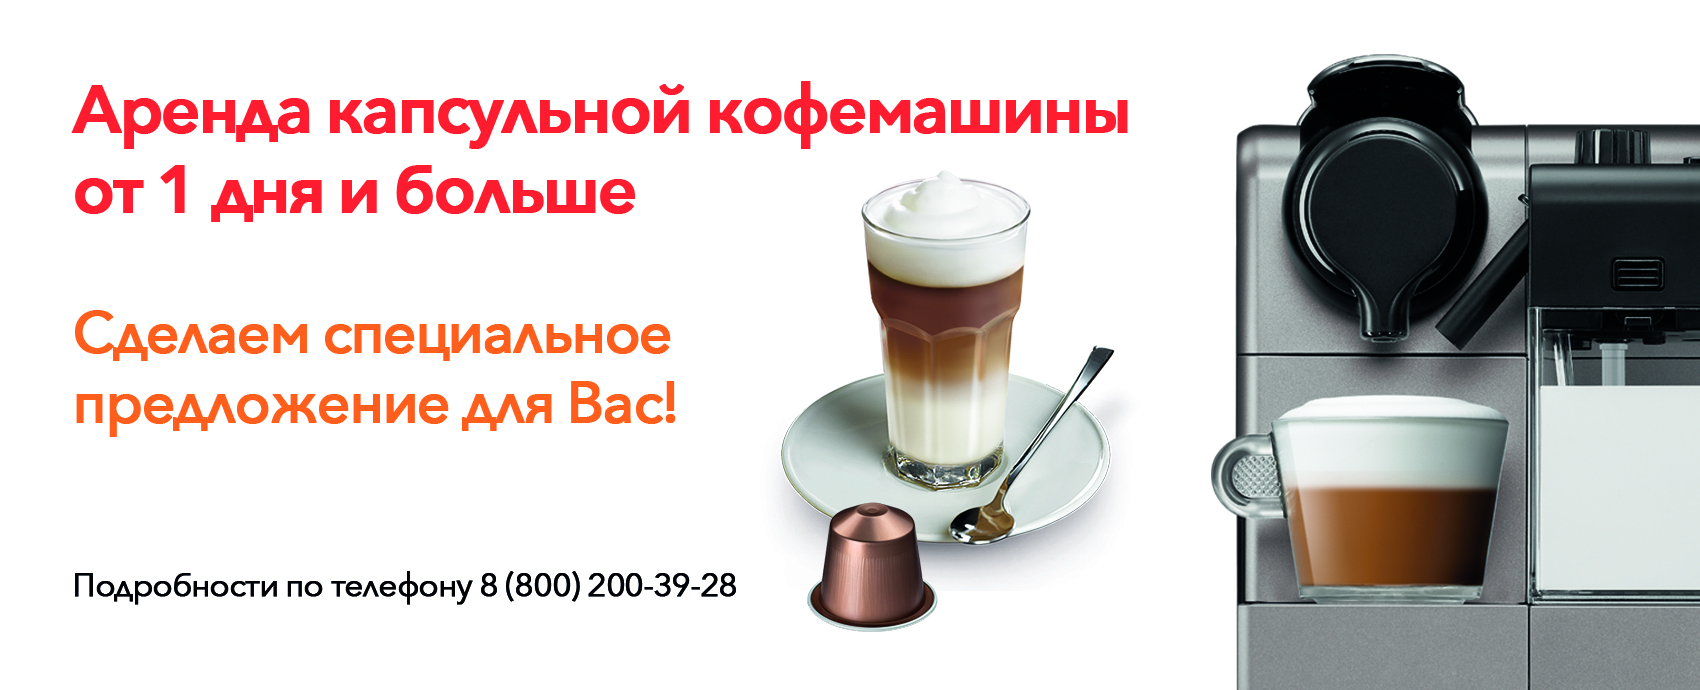 аренда кофемашины на 1 день